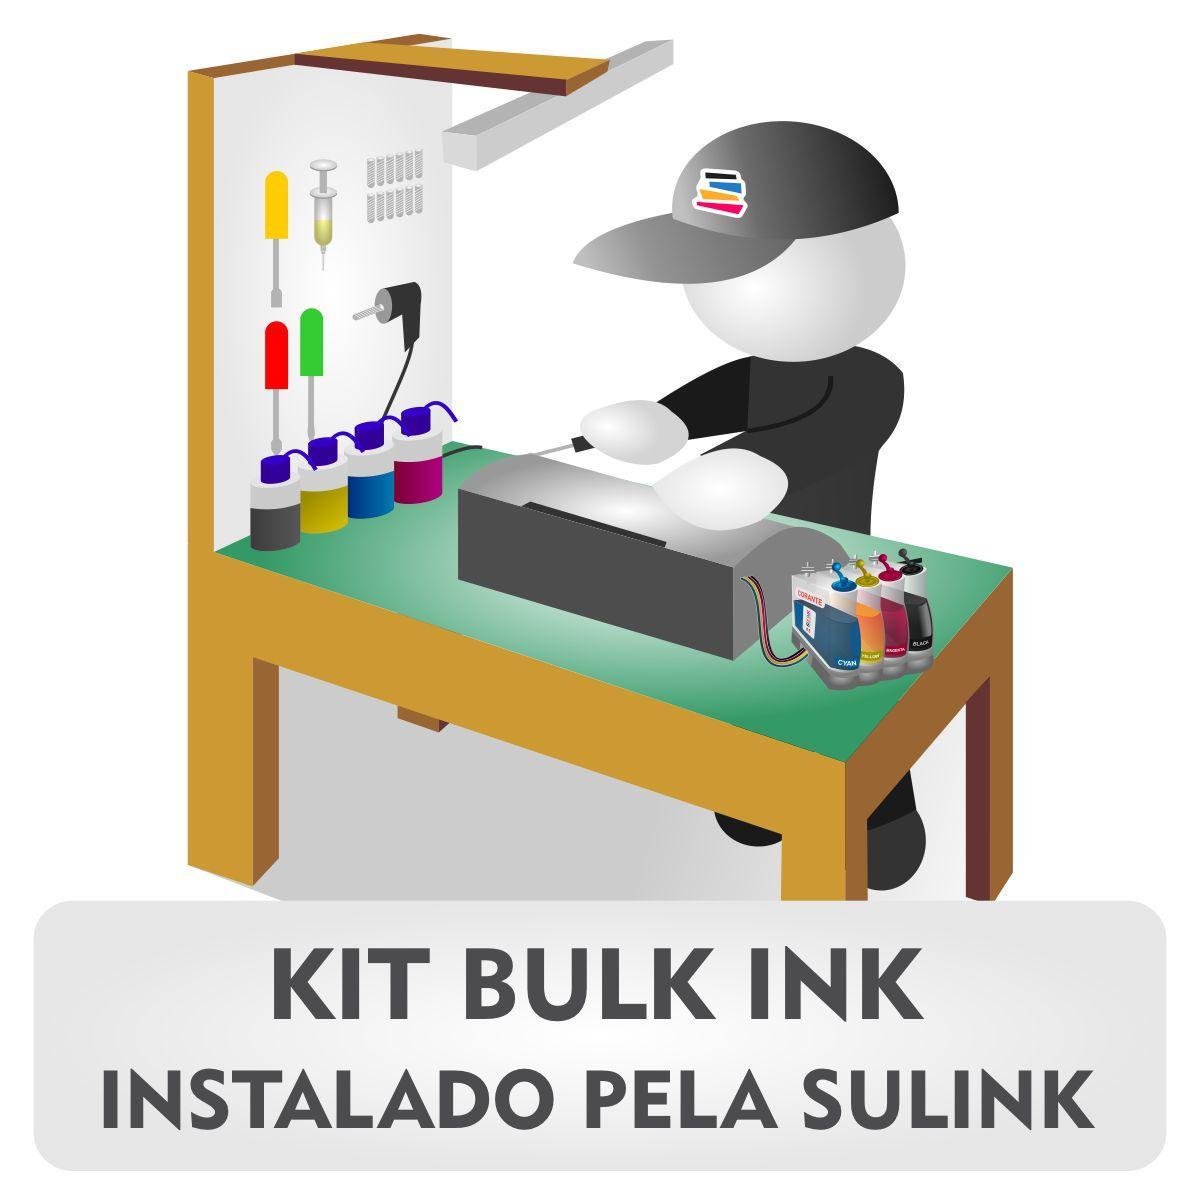 INSTALADO - BULK INK PARA HP OFFICEJET 7720 E 7740 - 1000ML 4 CORES CORANTE SÉRIE PRO (SEM CARTUCHO - UTILIZAR ORIGINAL DO CLIENTE)